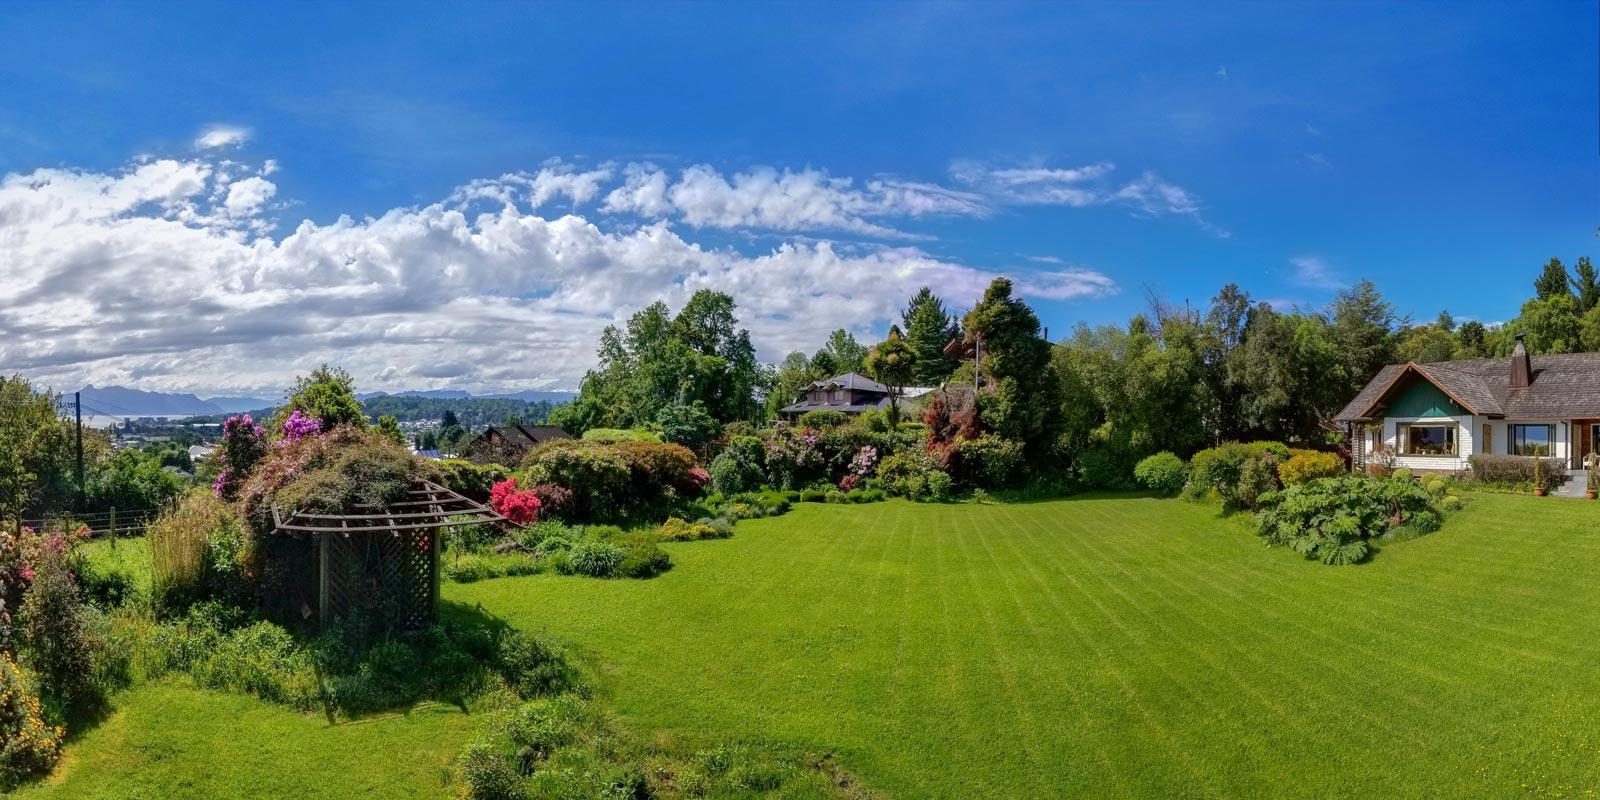 hosteria de la colina yard view